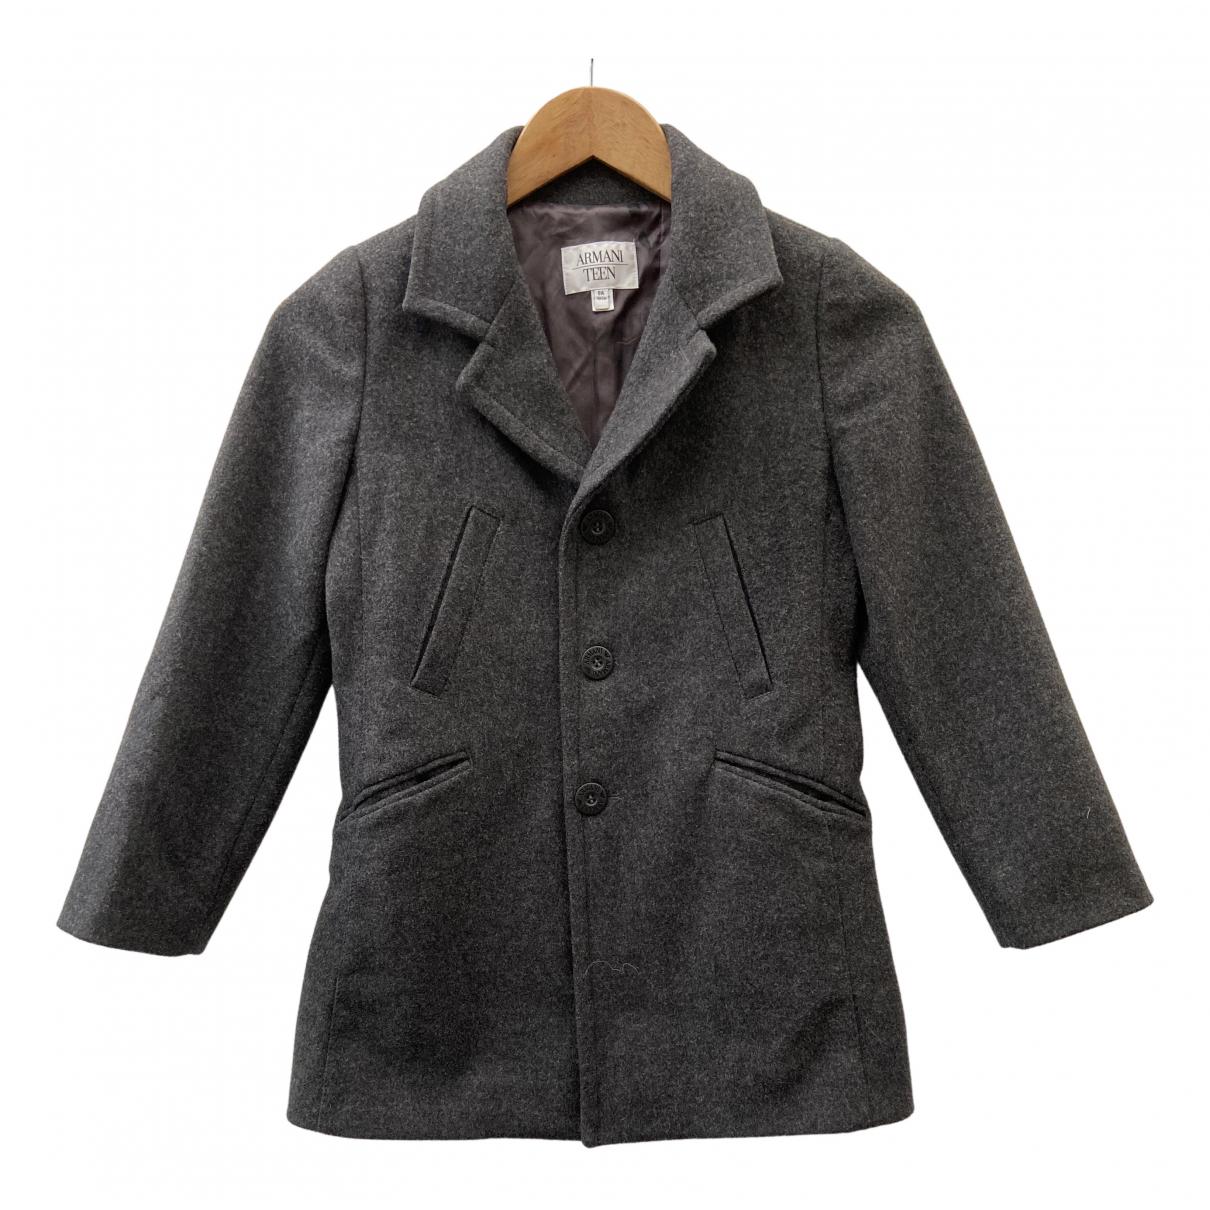 Armani Baby \N Jacke, Maentel in  Grau Wolle